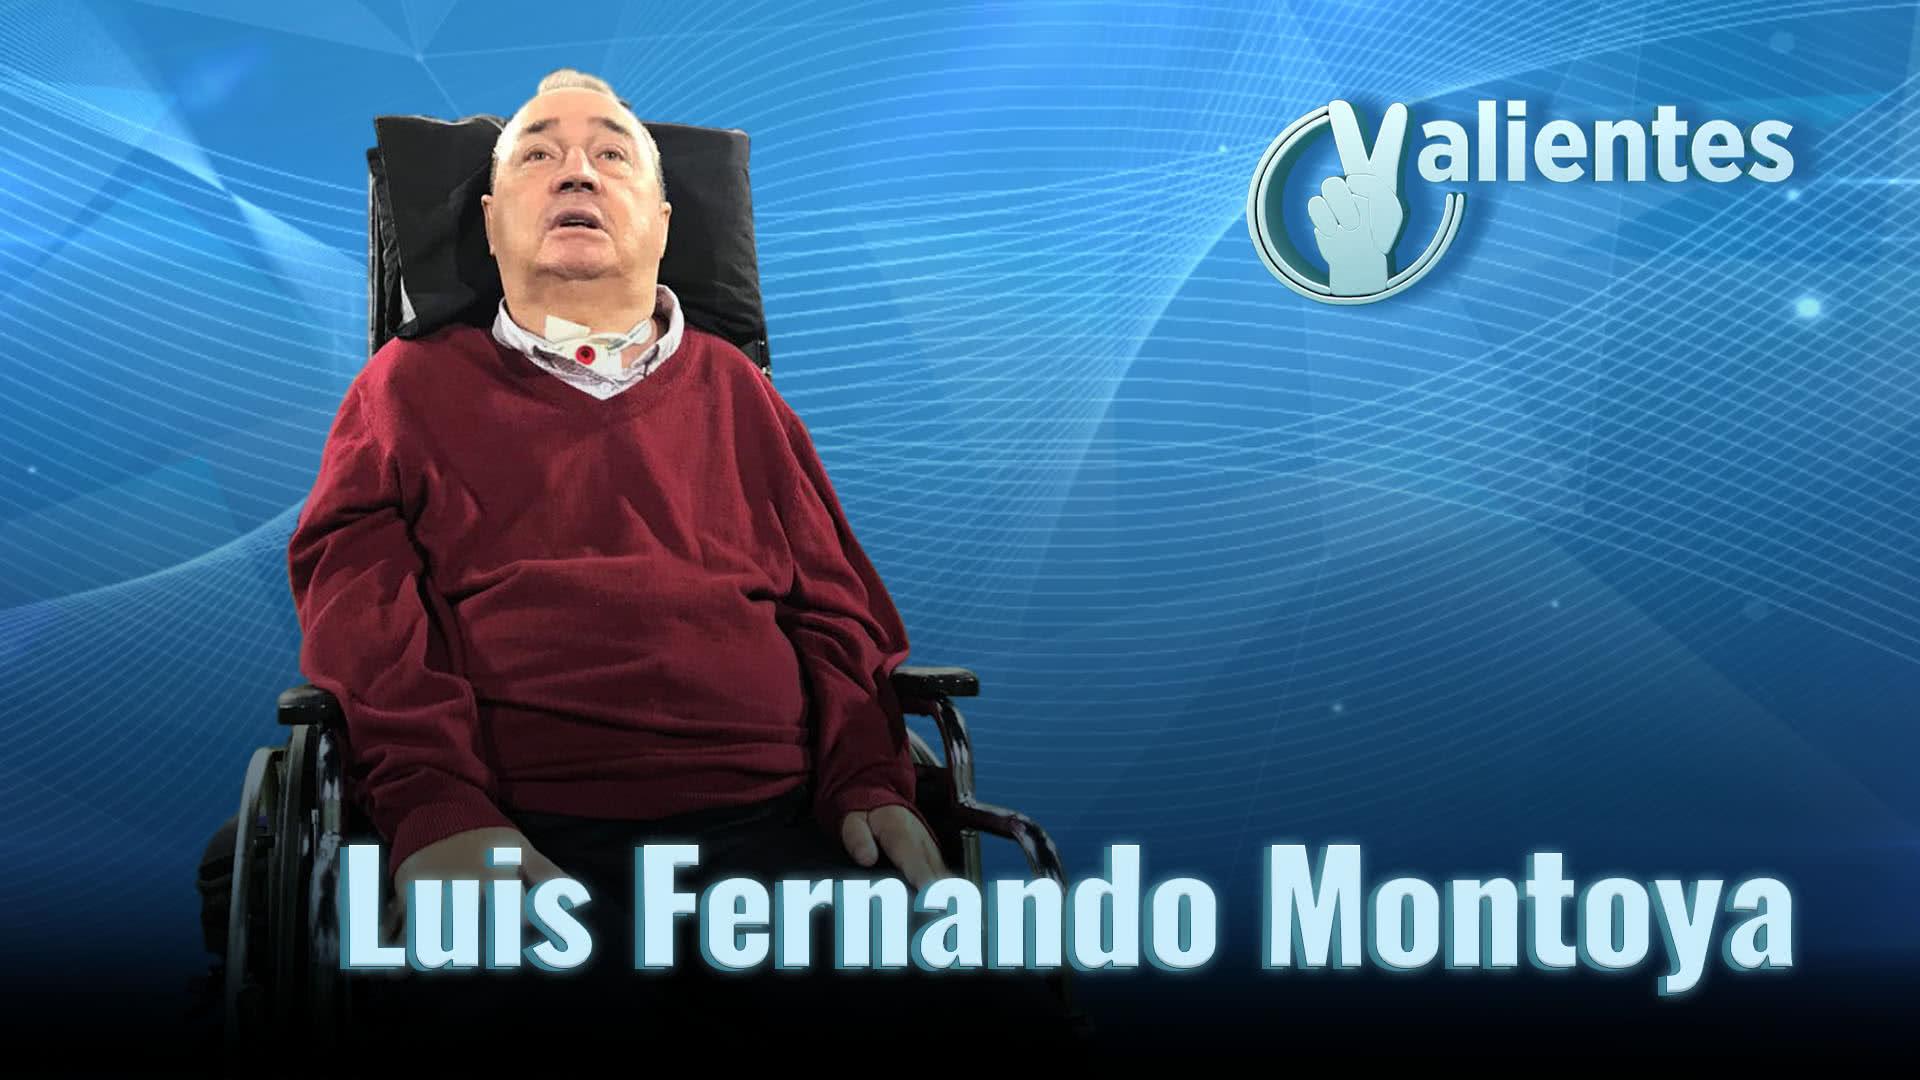 El profe Montoya: 'el campeón de la vida' ejemplo de superación